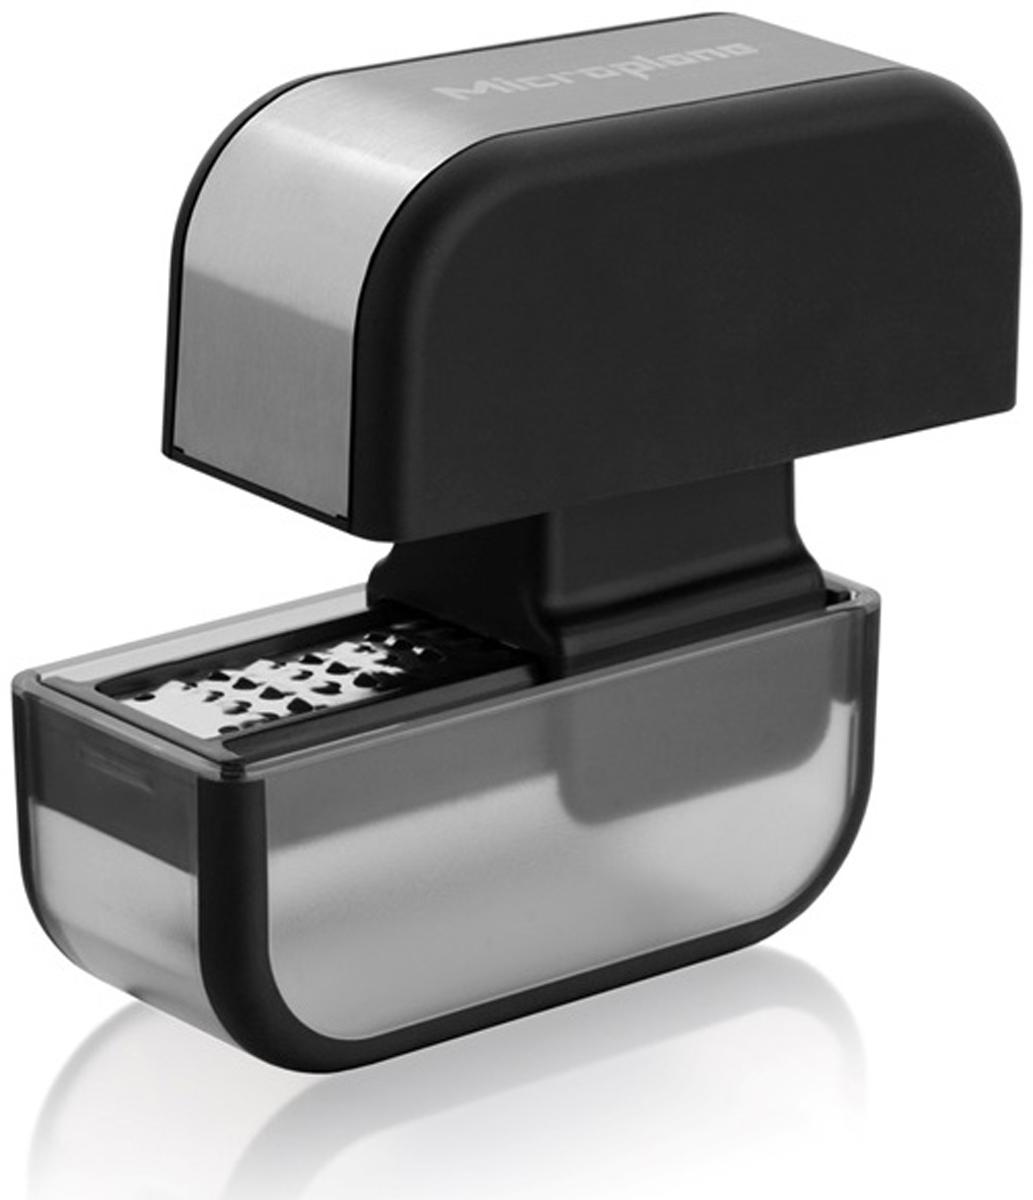 Ультра-острые лезвия из нержавеющей стали.  Шинкует чеснок простым движением вперед-назад.  Вместимость: 2-3 зубчика, очищенного чеснока.  Удобная чистка: просто прополощите под проточной водой и дайте высохнуть.  Можно мыть в посудомоечной машине.